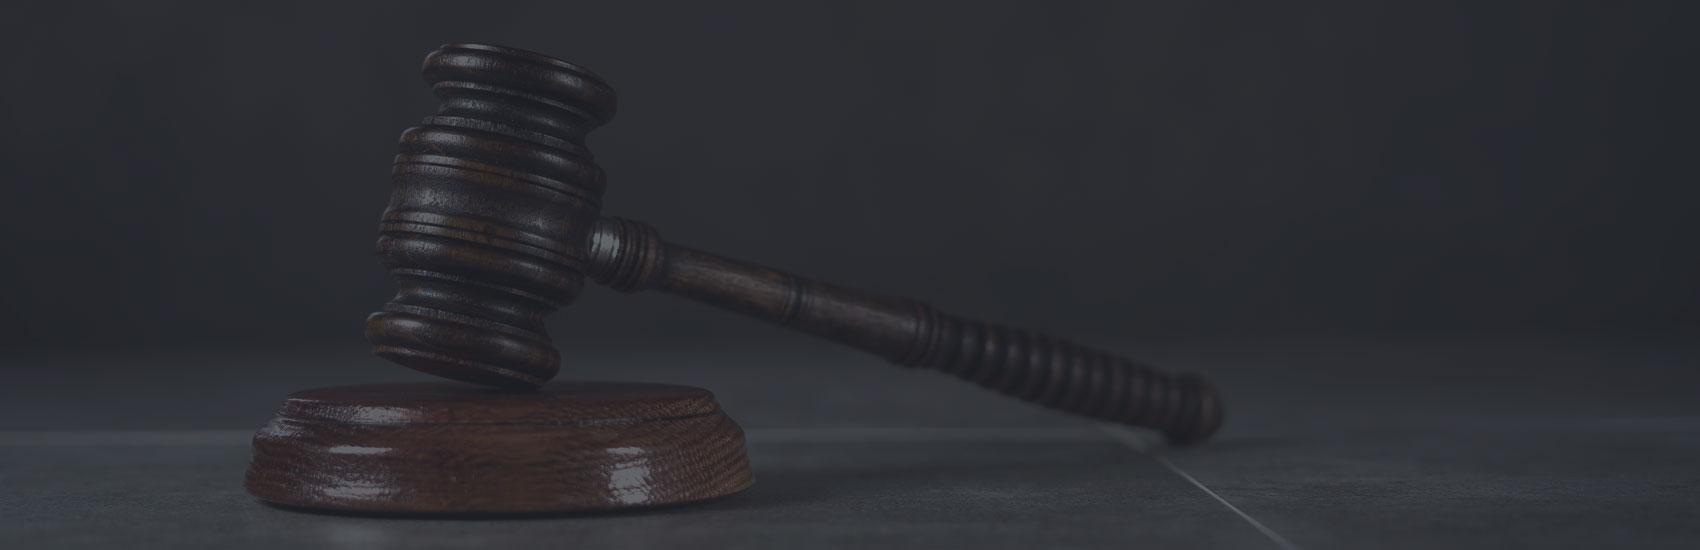 L'ancien maire de Pointe-des-Cascades accusé d'agression sexuelle